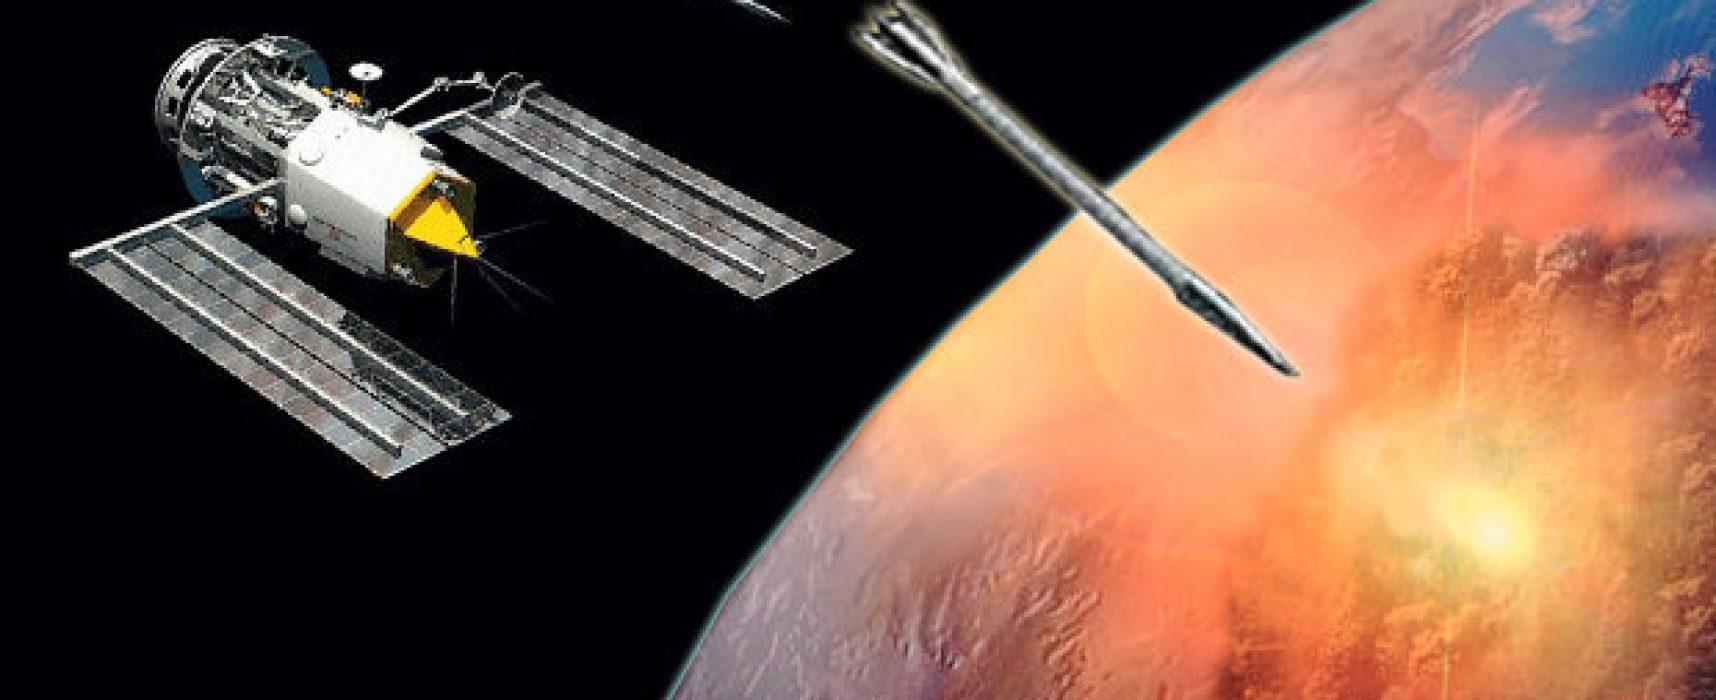 «РИА Новости» пугает американским космическим оружием, которое есть только в фантастических романах